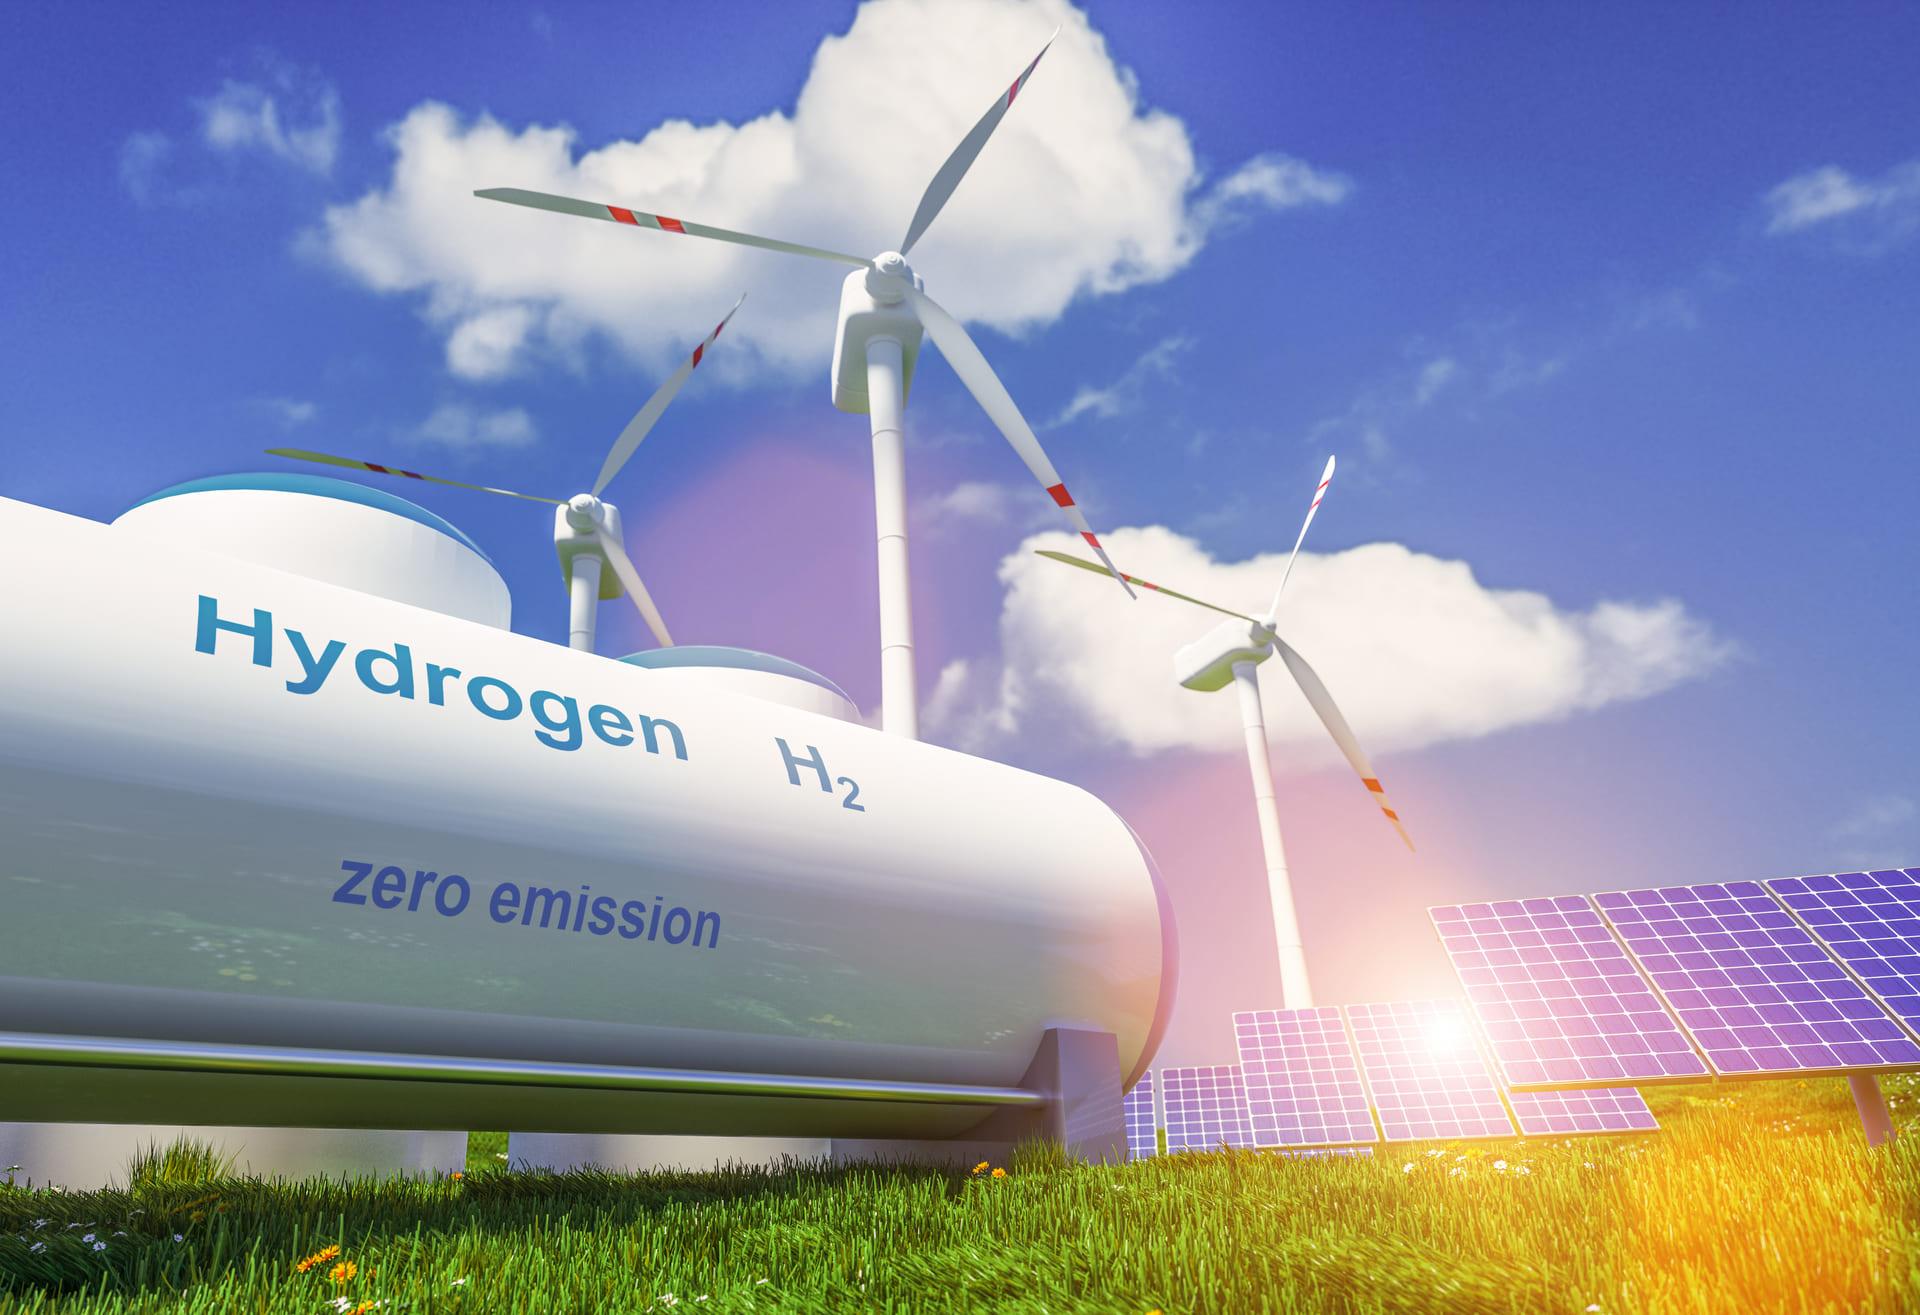 Cap sur l'hydrogène !